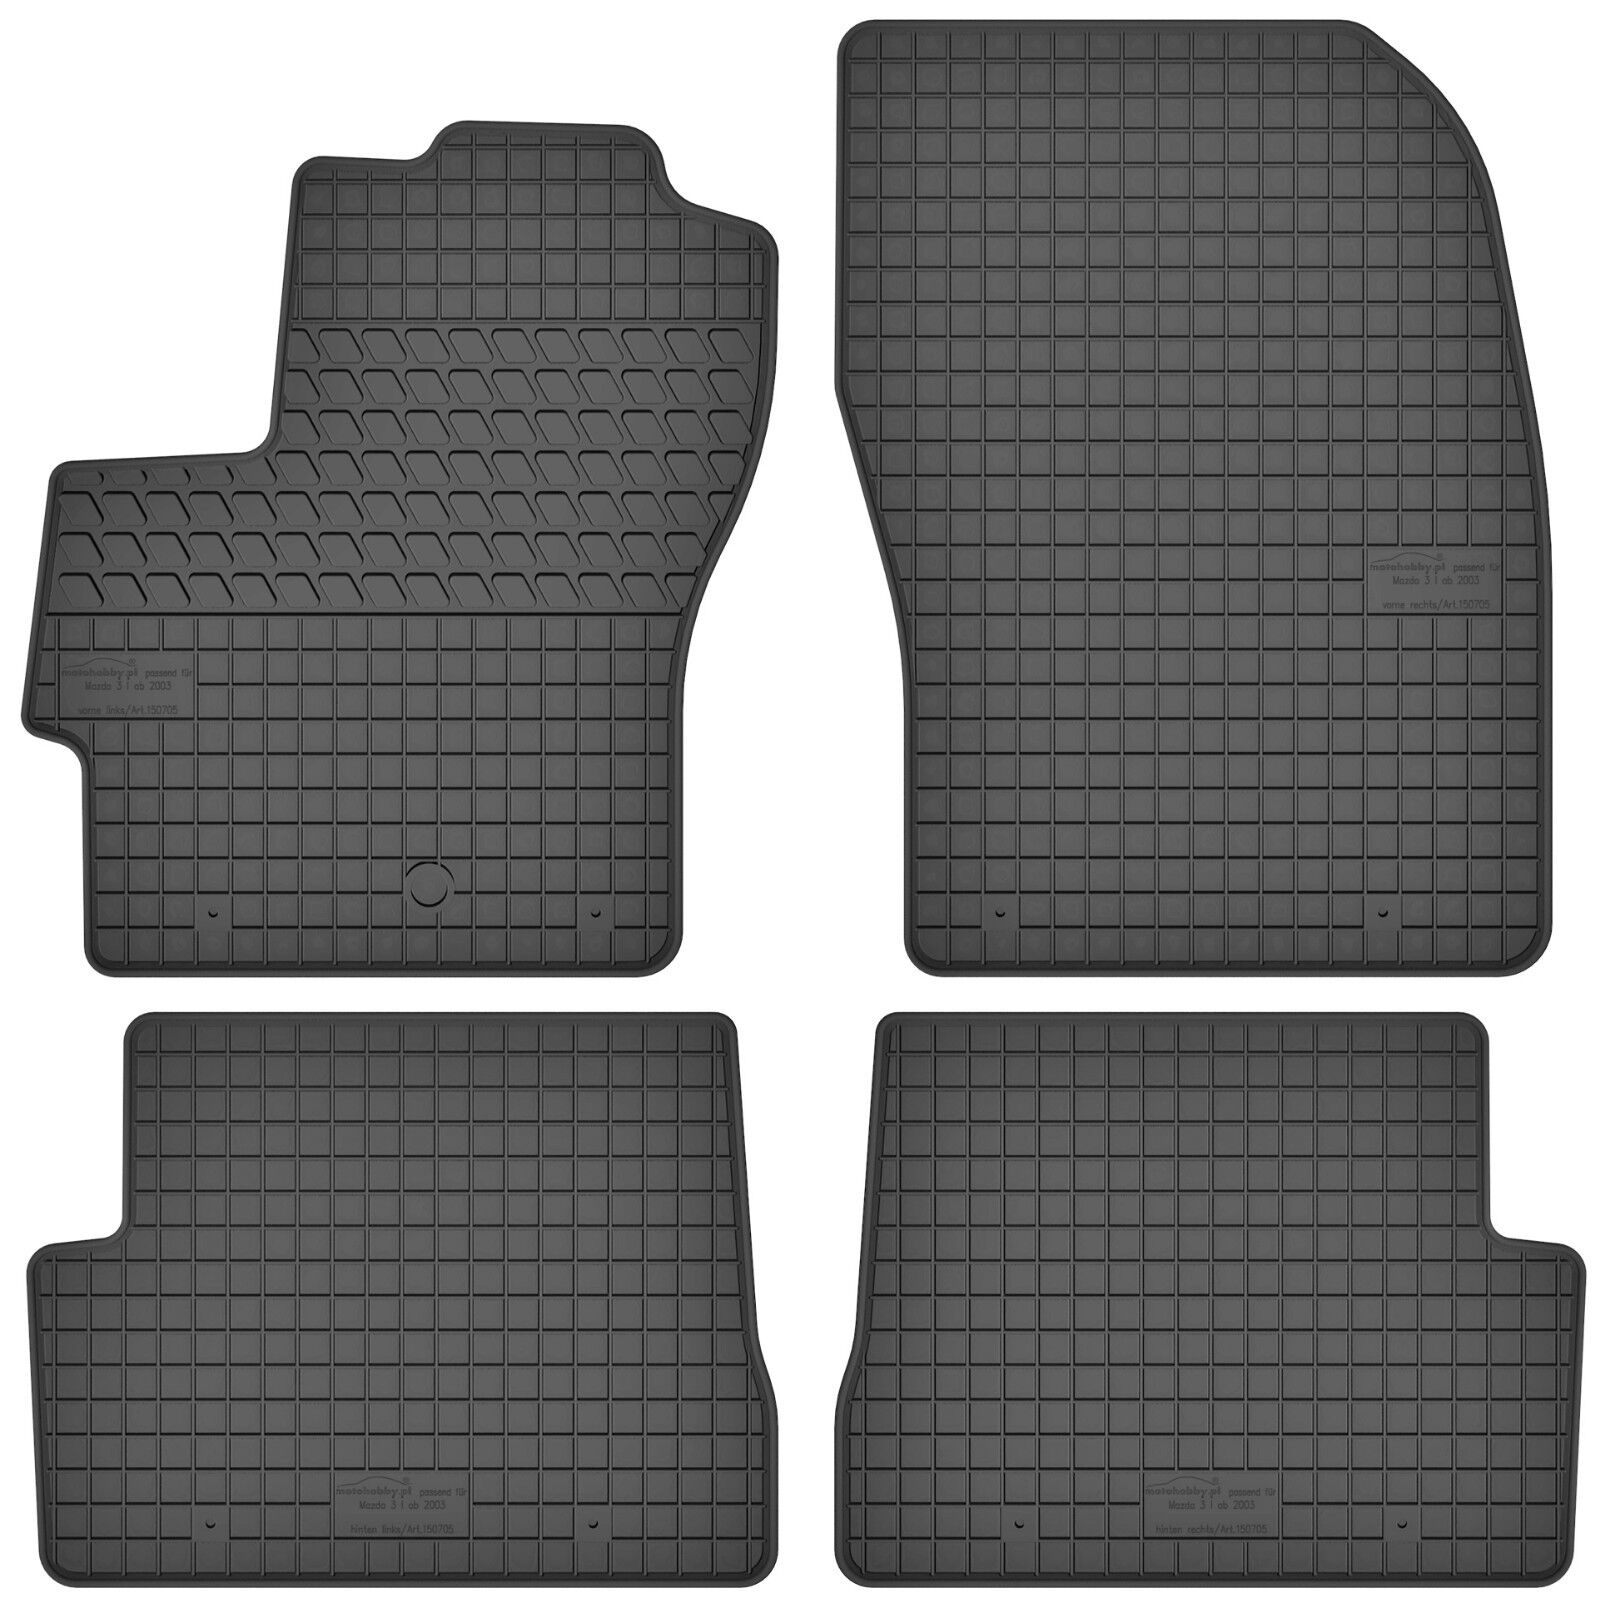 Gummimatten Gummi Fußmatten Satz für Mazda 3 I (20032009) BK Passgenau Neu